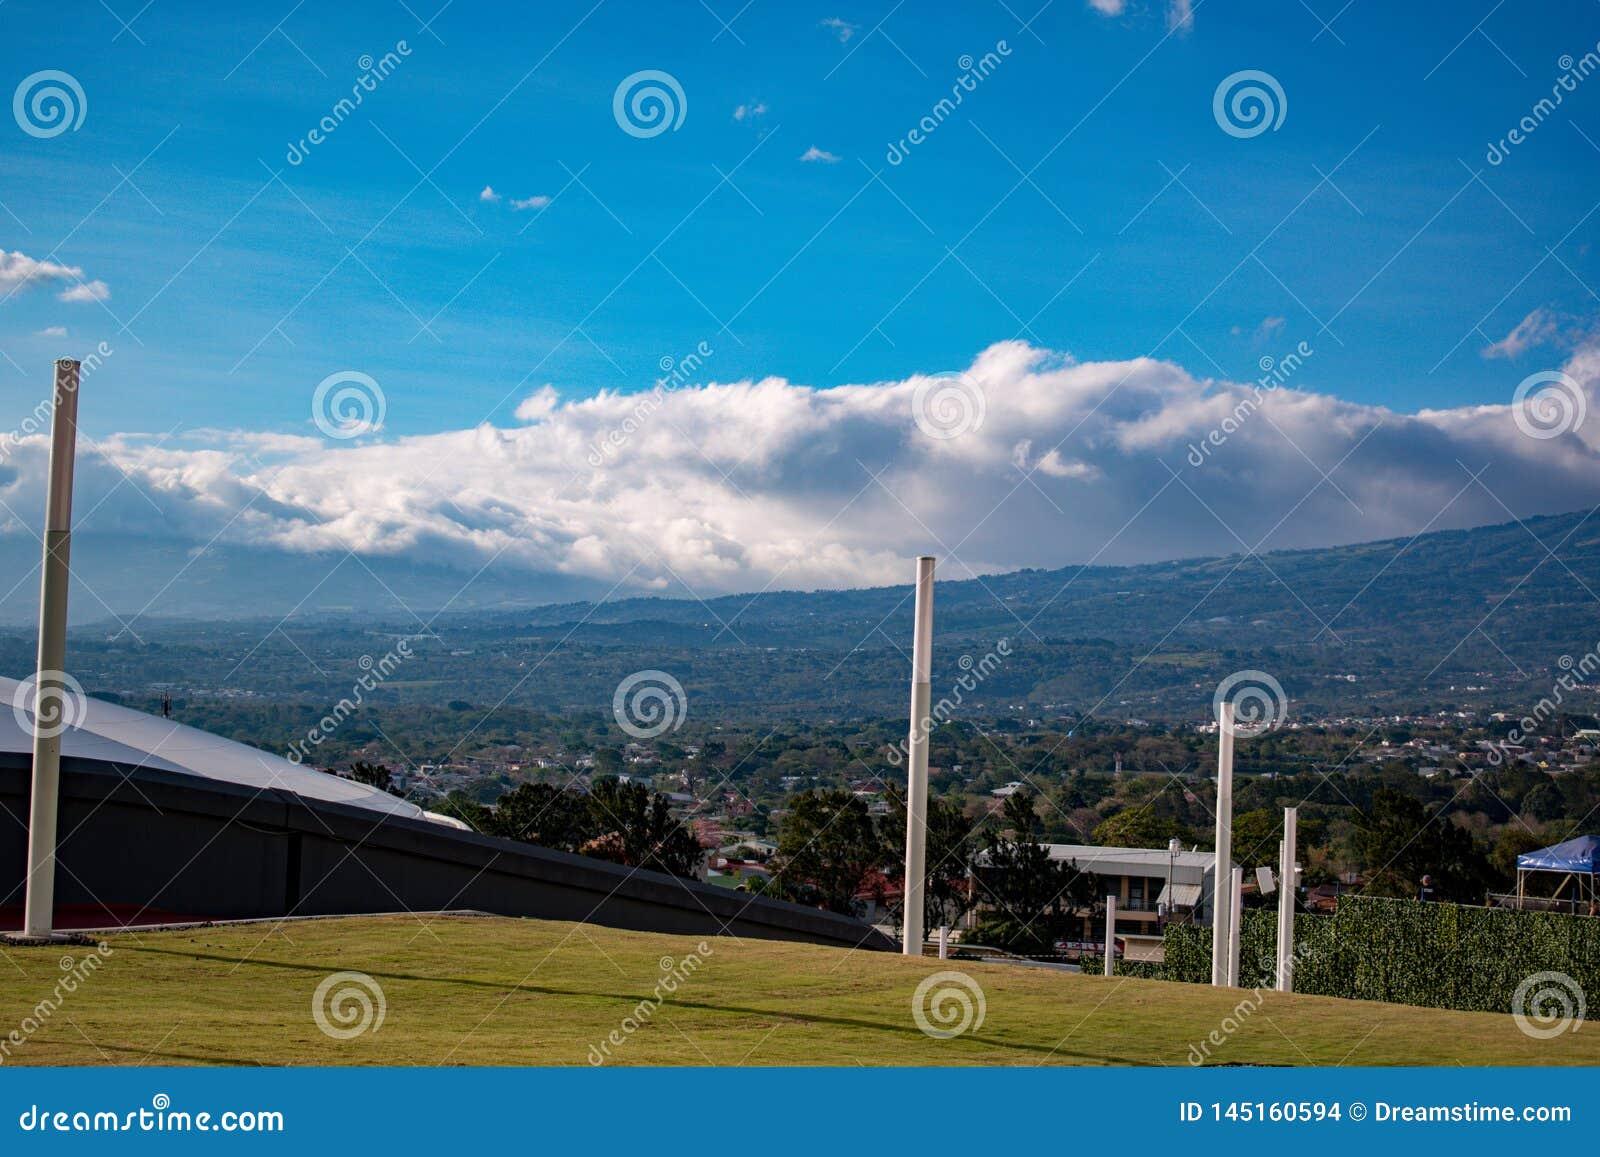 Πανόραμα της πόλης με τα βουνά και τον ουρανό